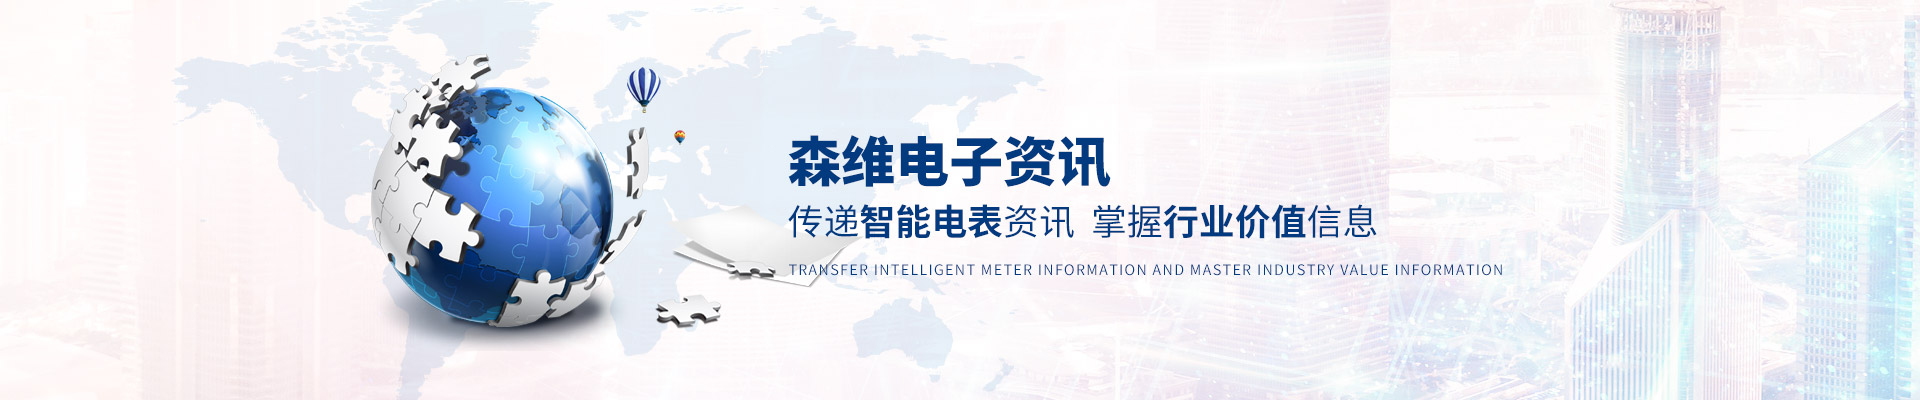 森维电子-传递智能电表资讯,掌握行业价值信息